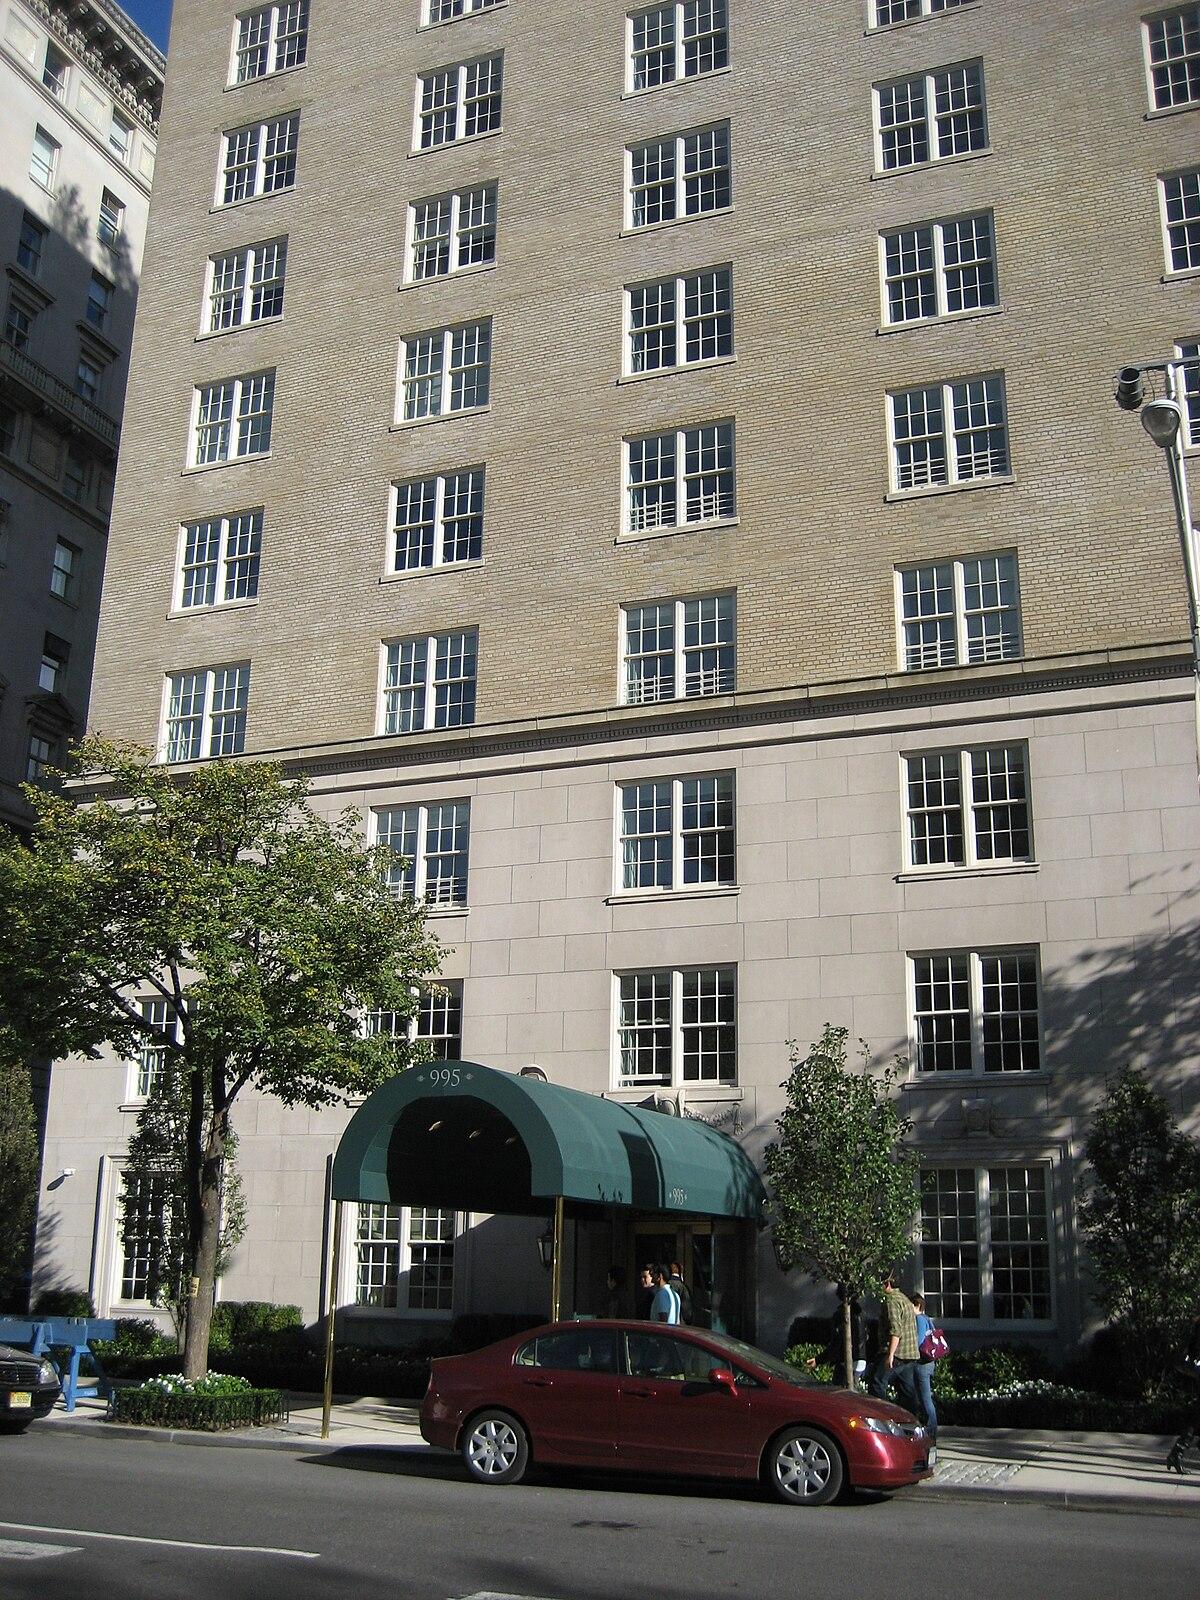 995 Fifth Avenue  Wikipedia